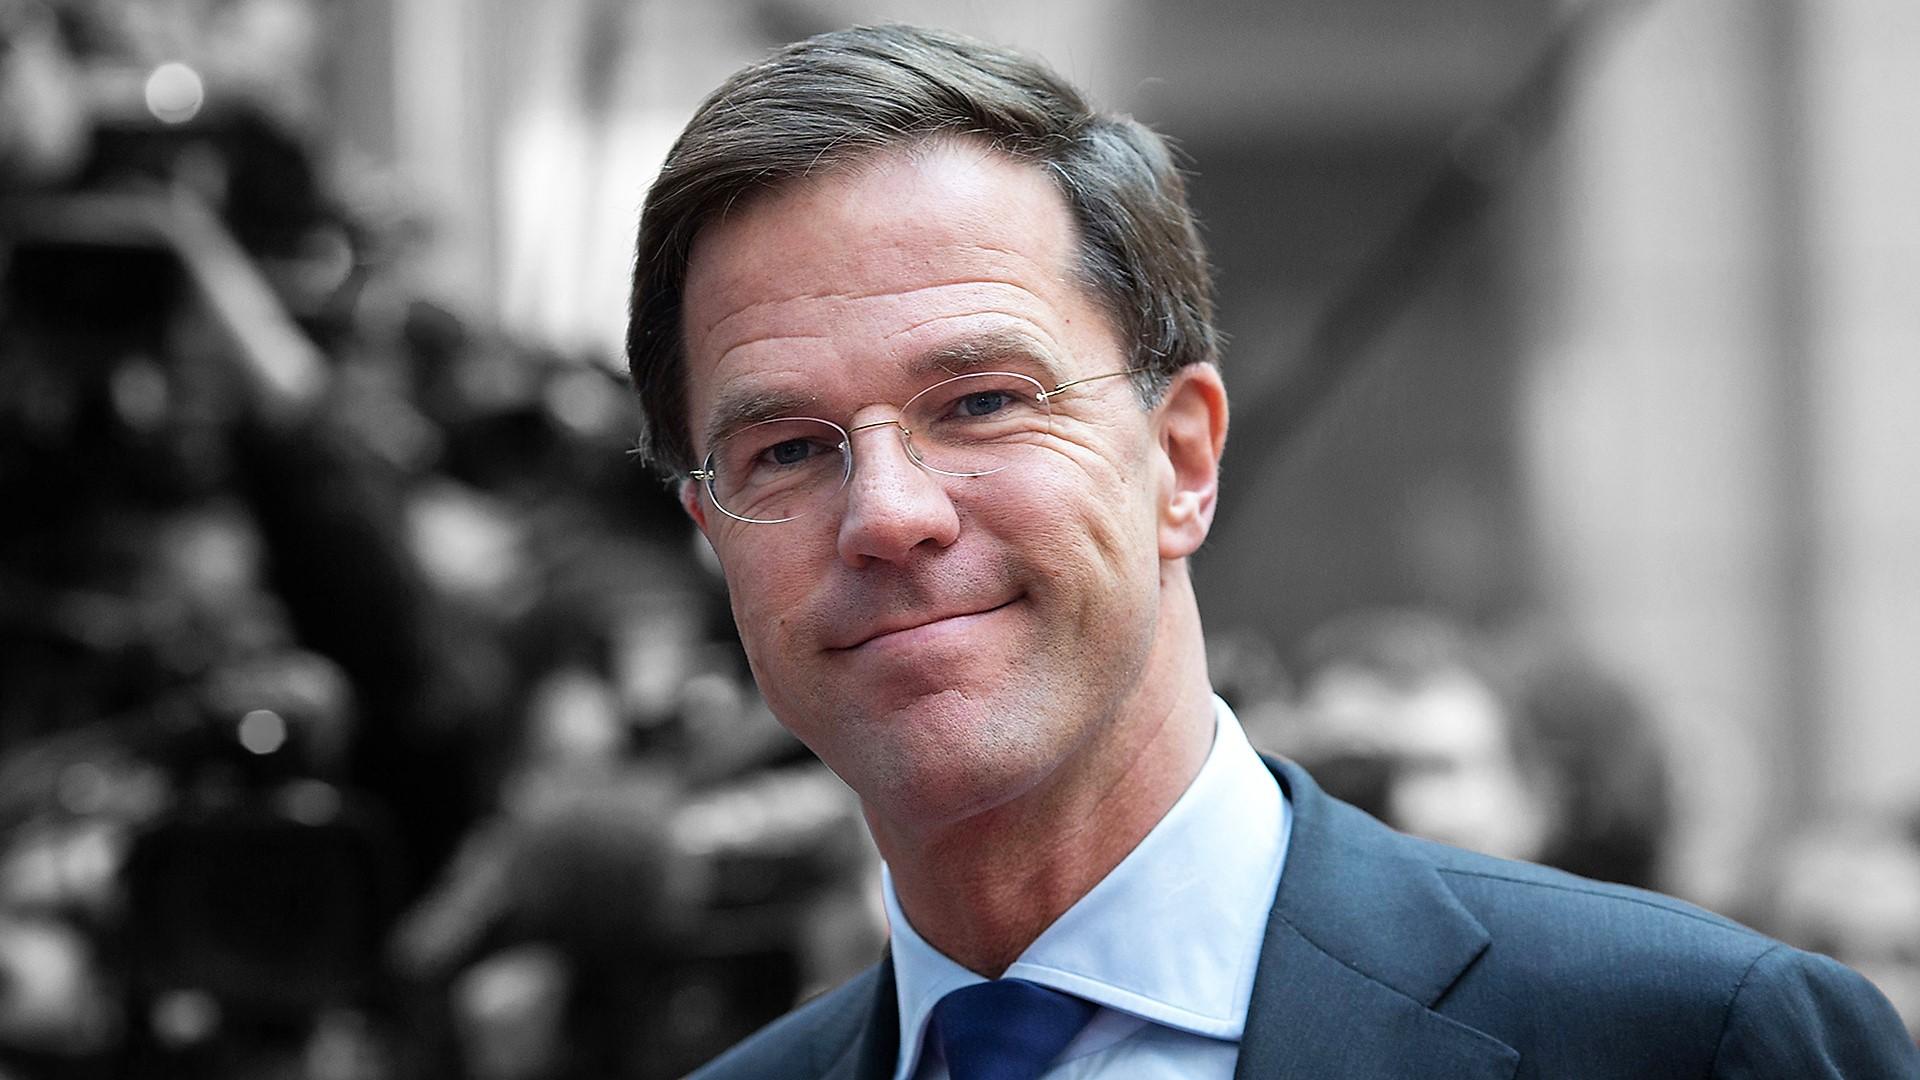 Boom della destra populista e Verdi, trema governo Rutte